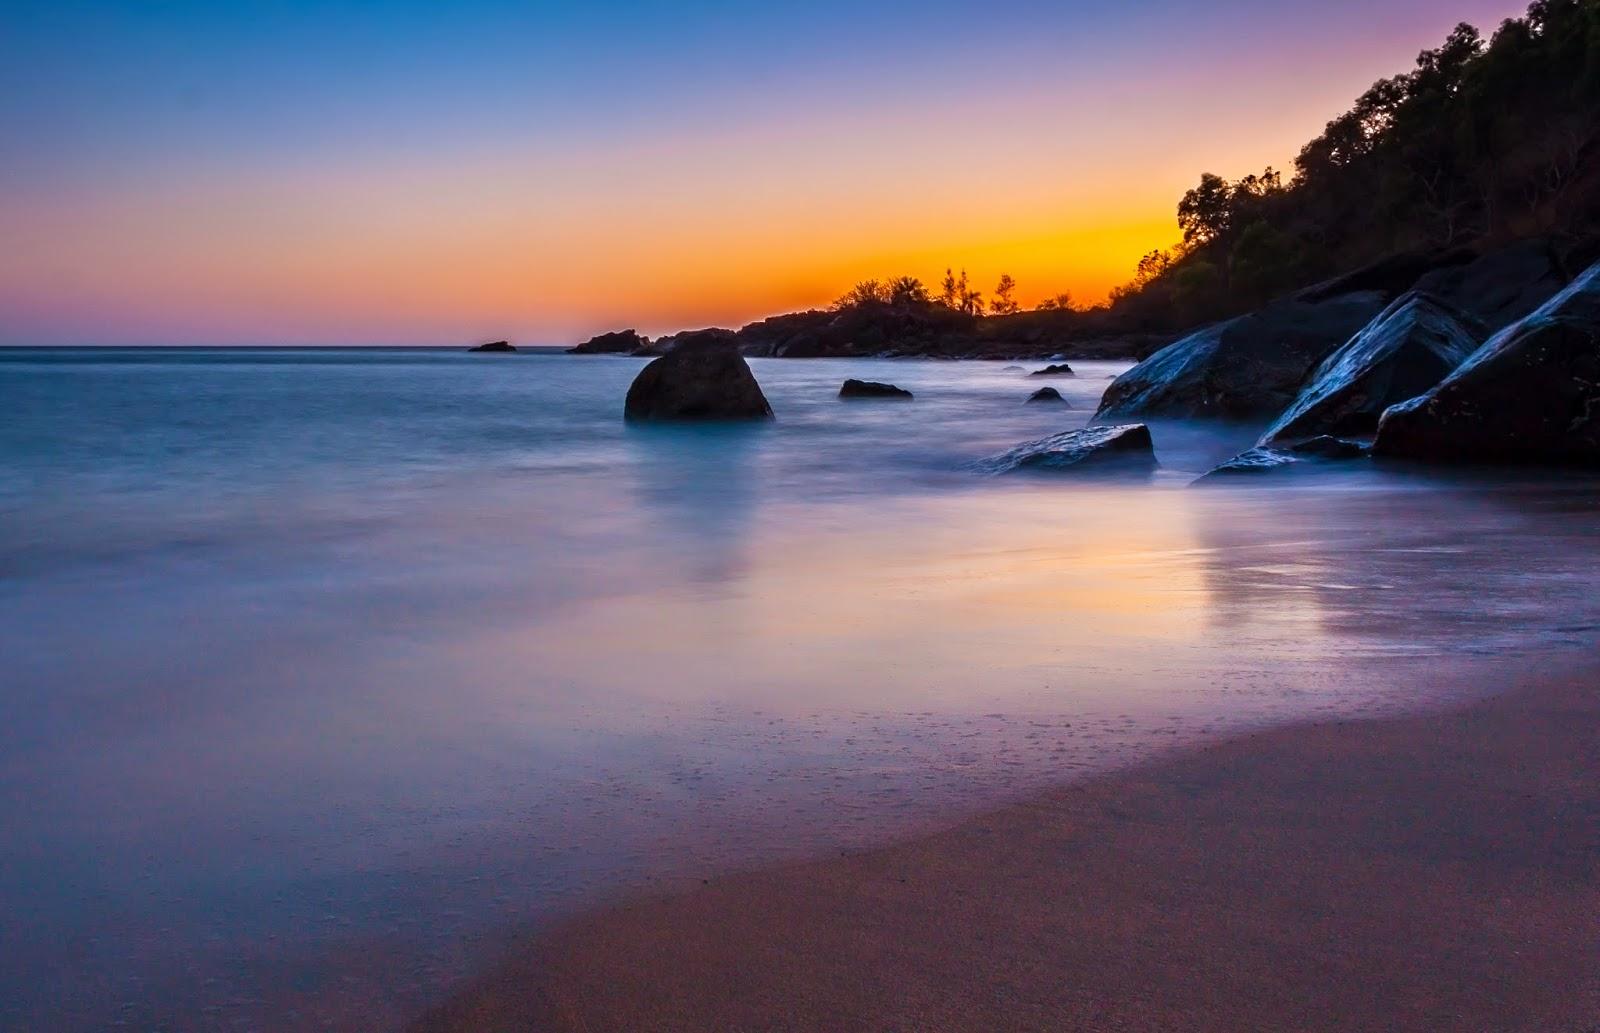 Gokarni Beach